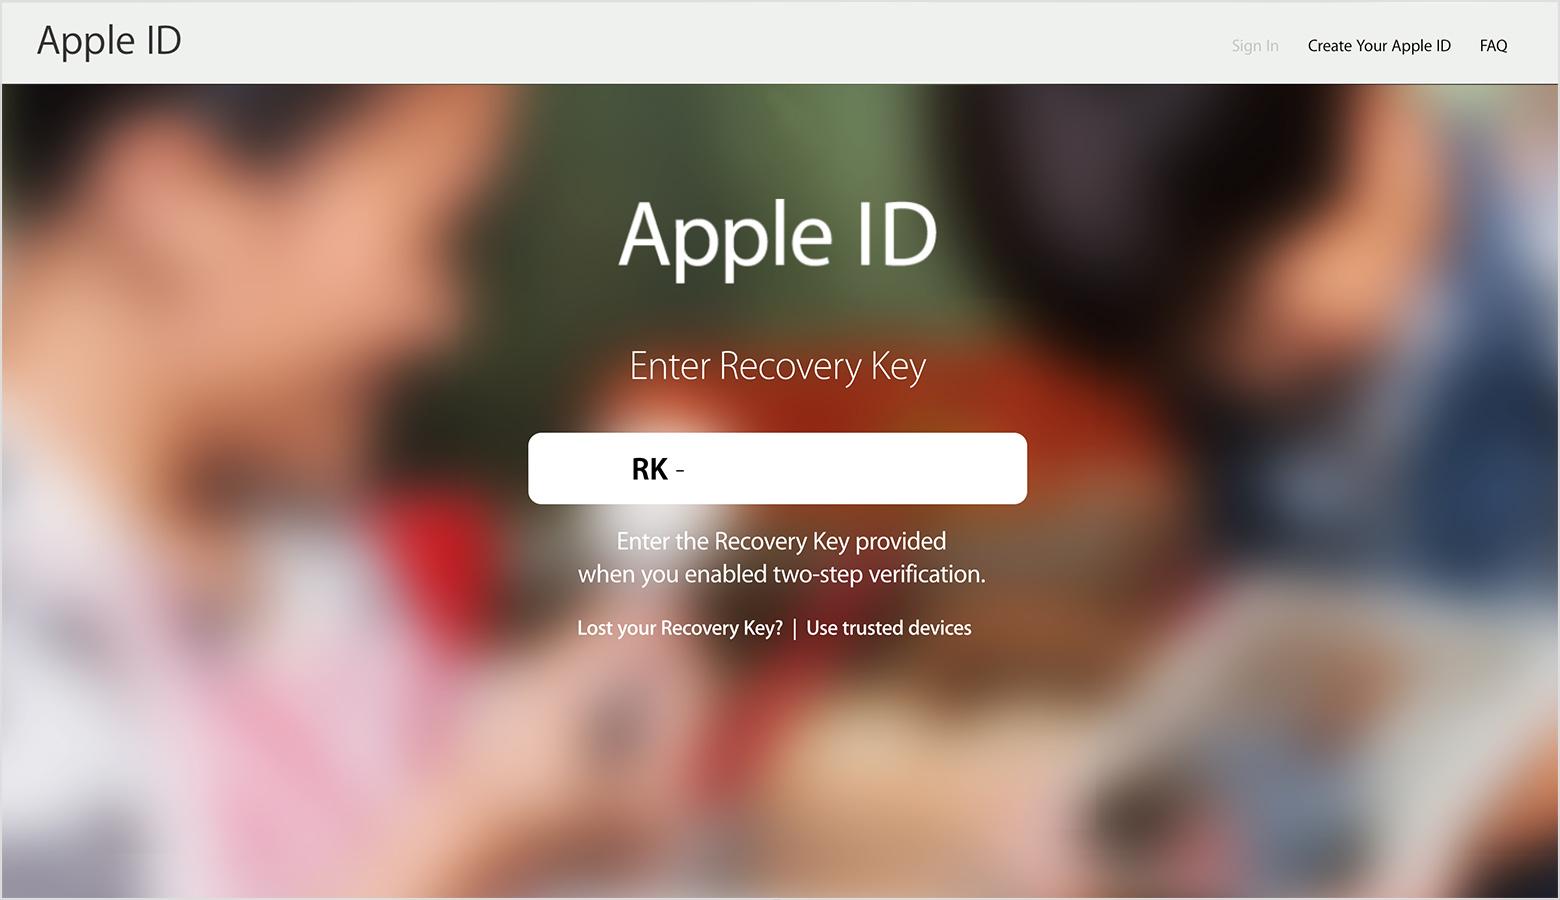 Как сохранить или удалить пароль Apple ID для бесплатных покупок [macOS]